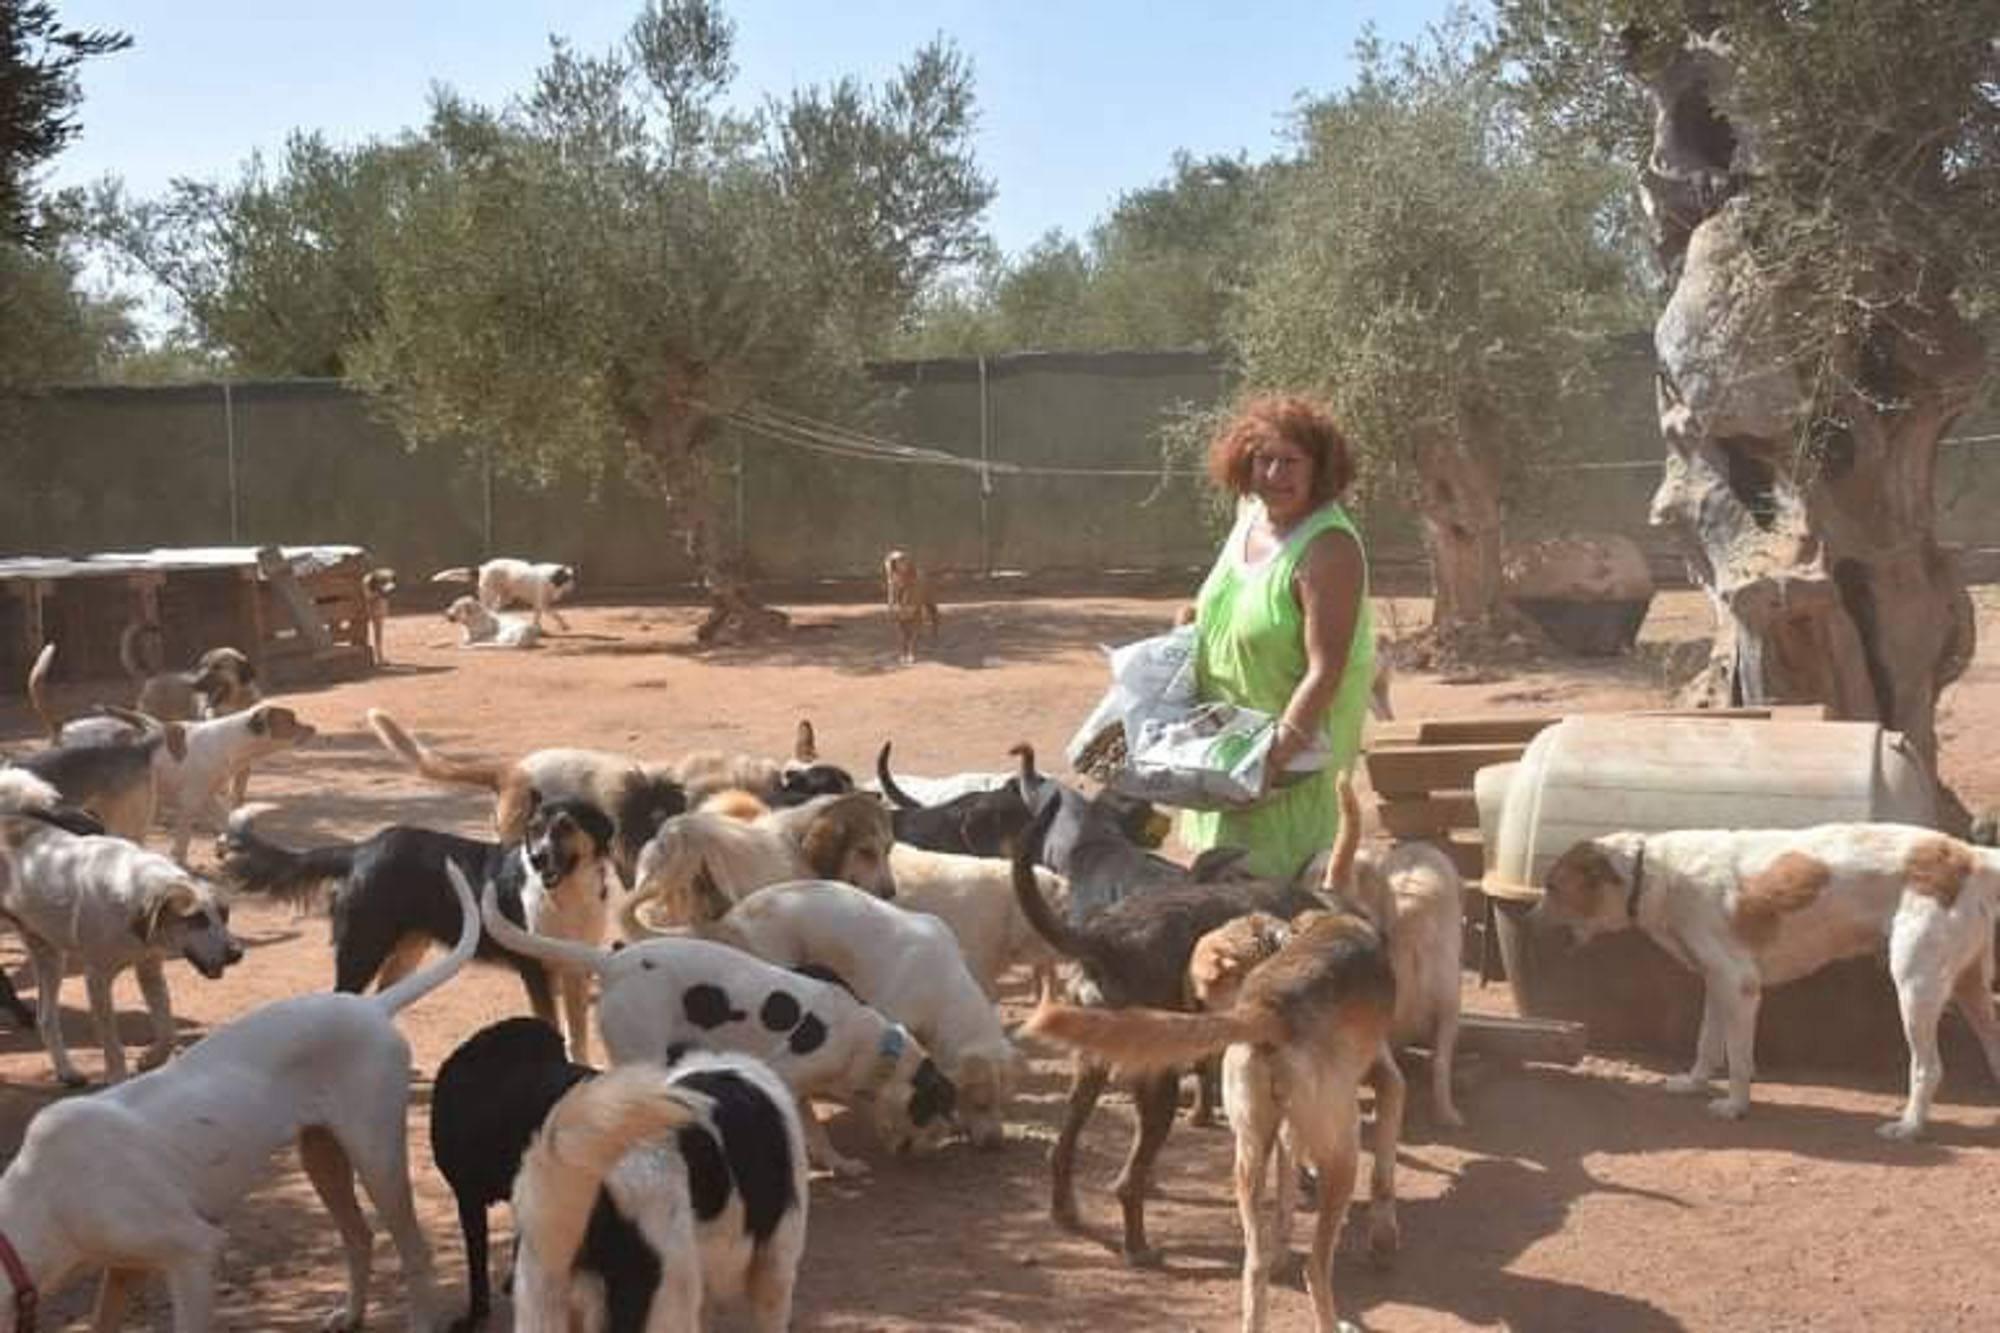 Verein für hilfebedürftige Tiere_SfS21_GR11